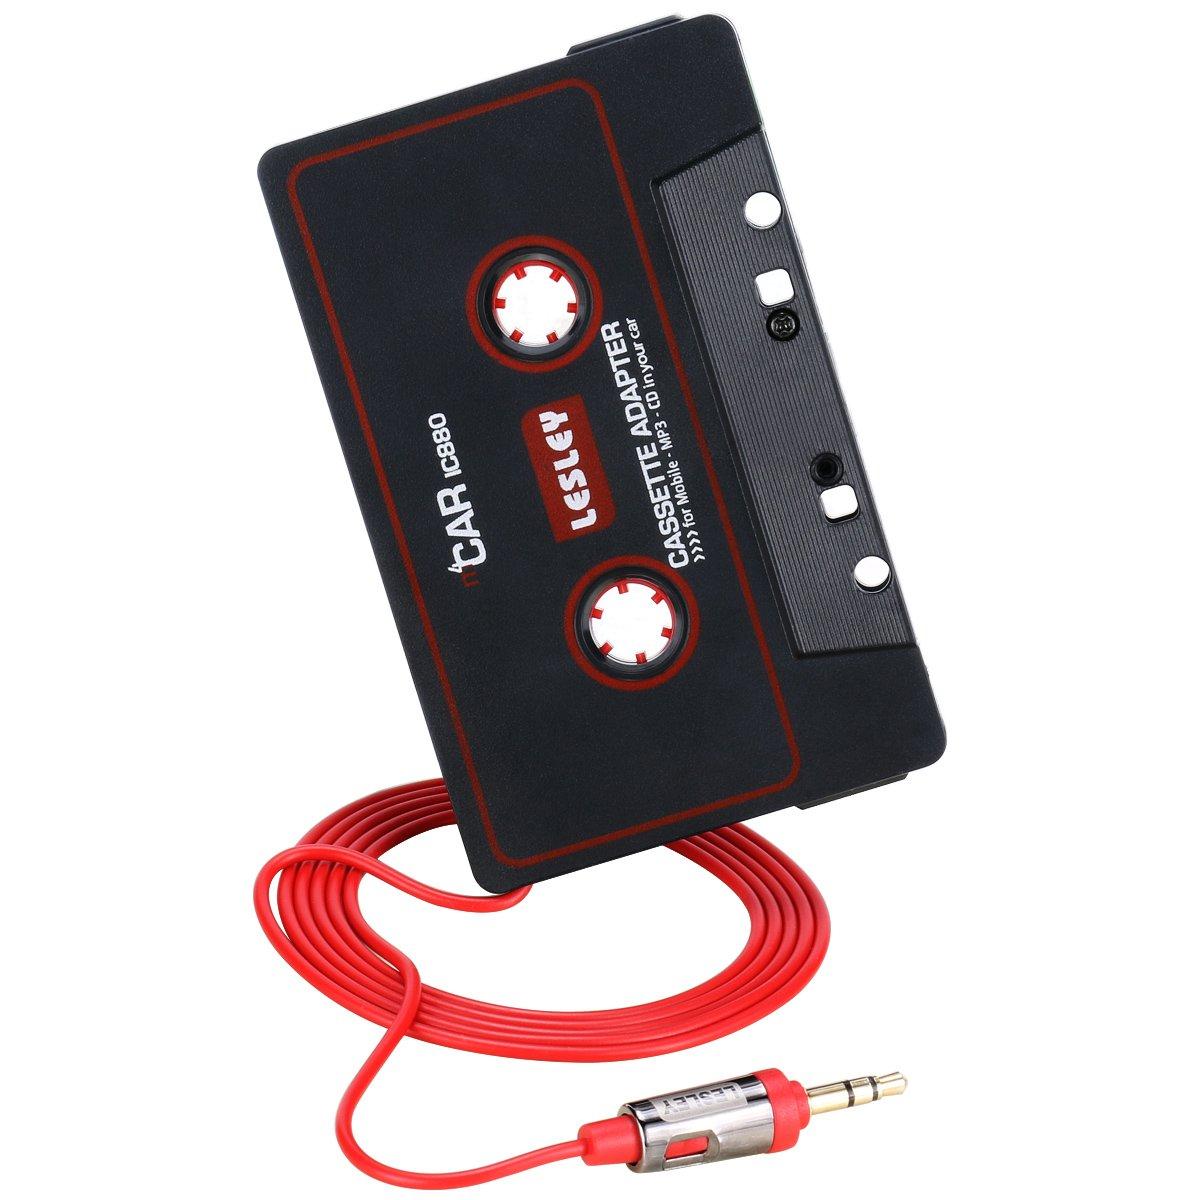 Reshow Adaptateur Cassette pour Voitures - É coutez des iPods, des Smartphones, des lecteurs MP3 ou Un Walkman dans Un Lecteur Cassettes de vé hicule Standard - Convertisseur Vintage/Musique Ré tro